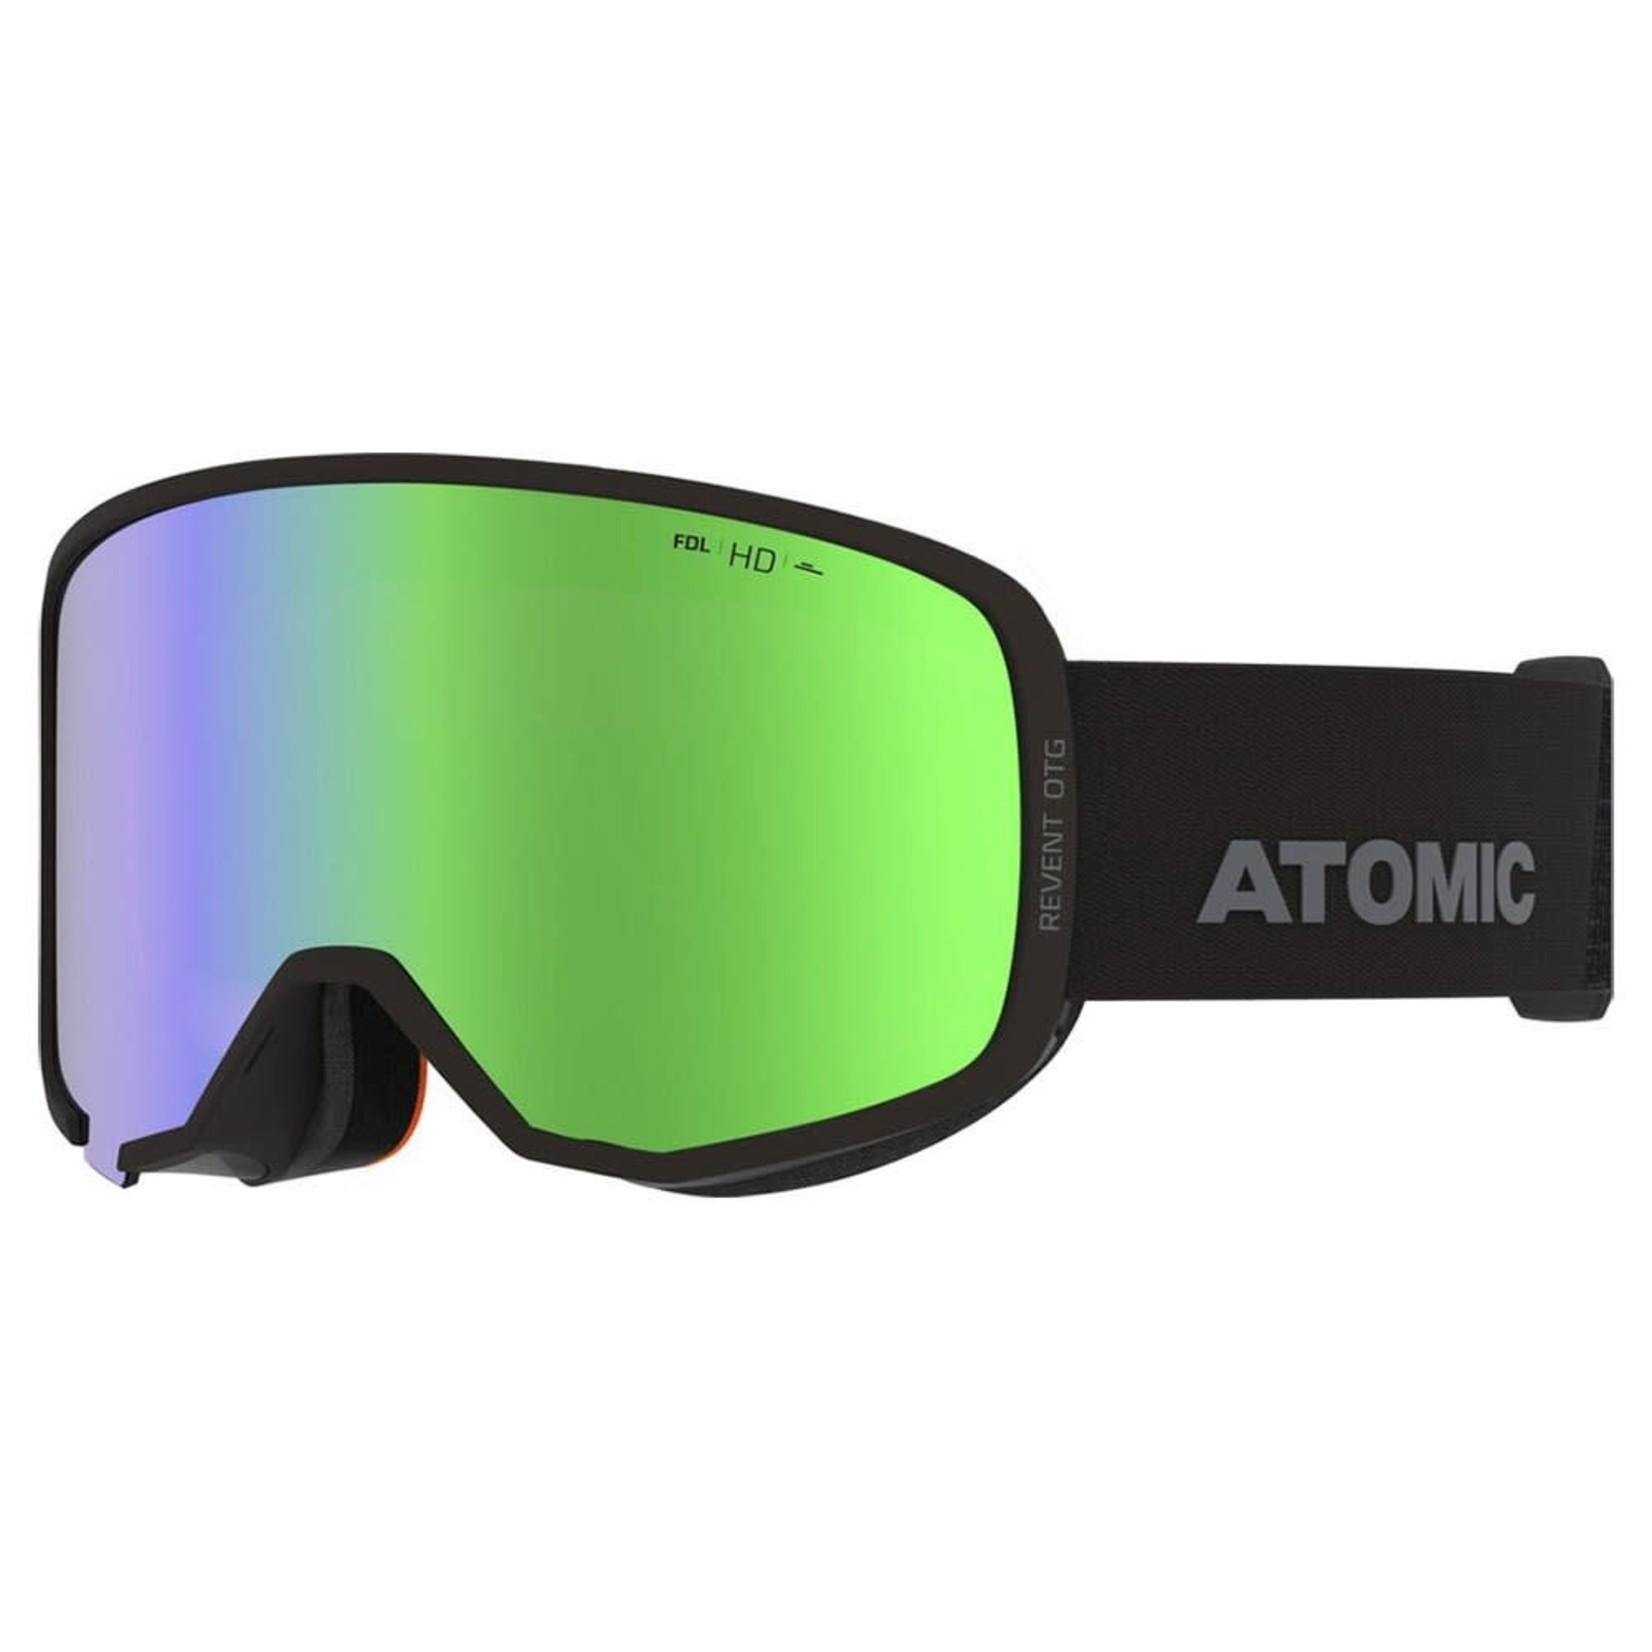 Atomic Lunette Atomic Revent HD OTG - Unisexe